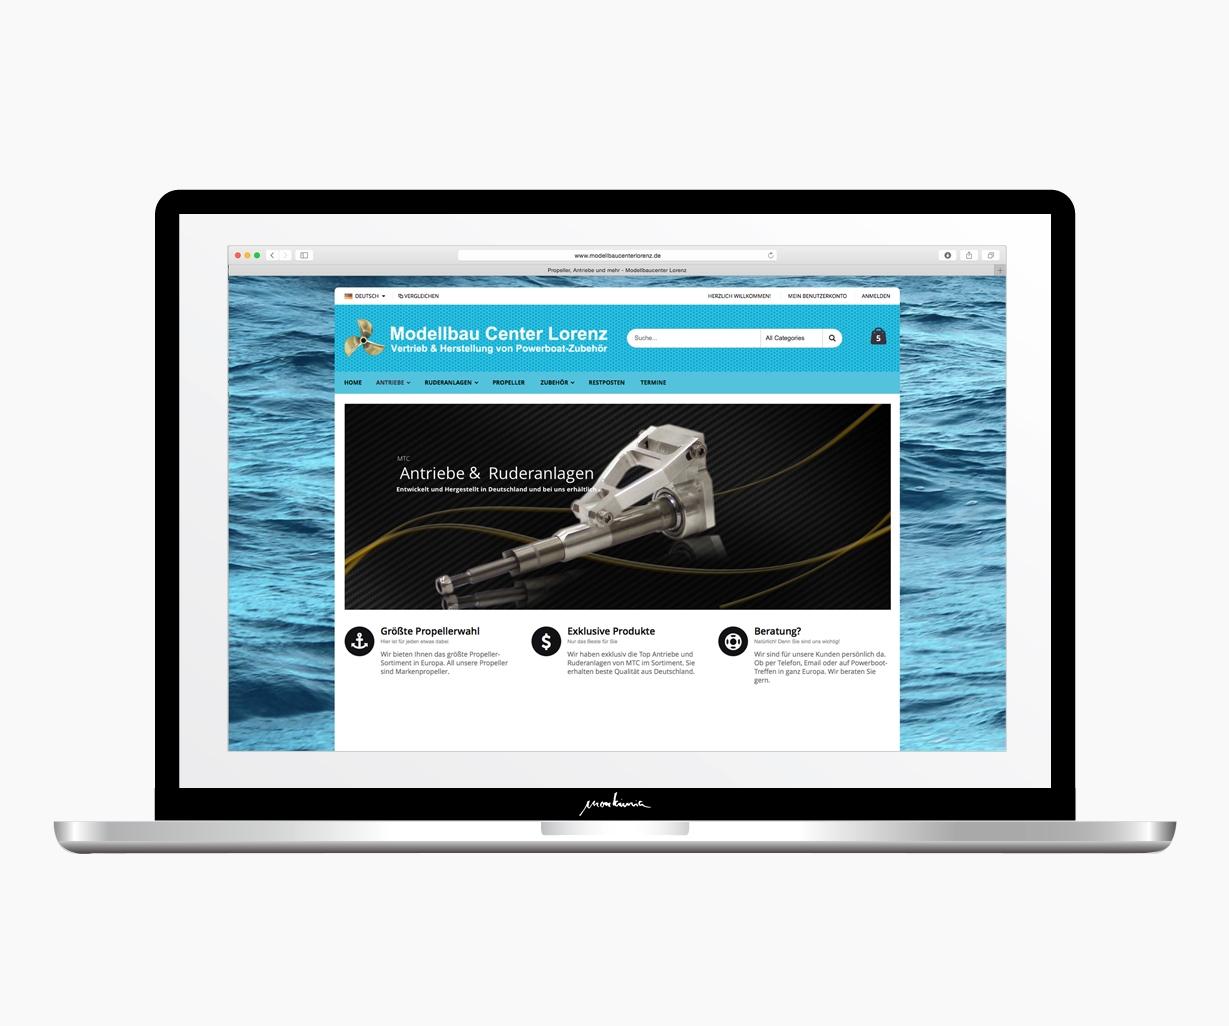 Modellbaucenterlorenz.de Website_Design